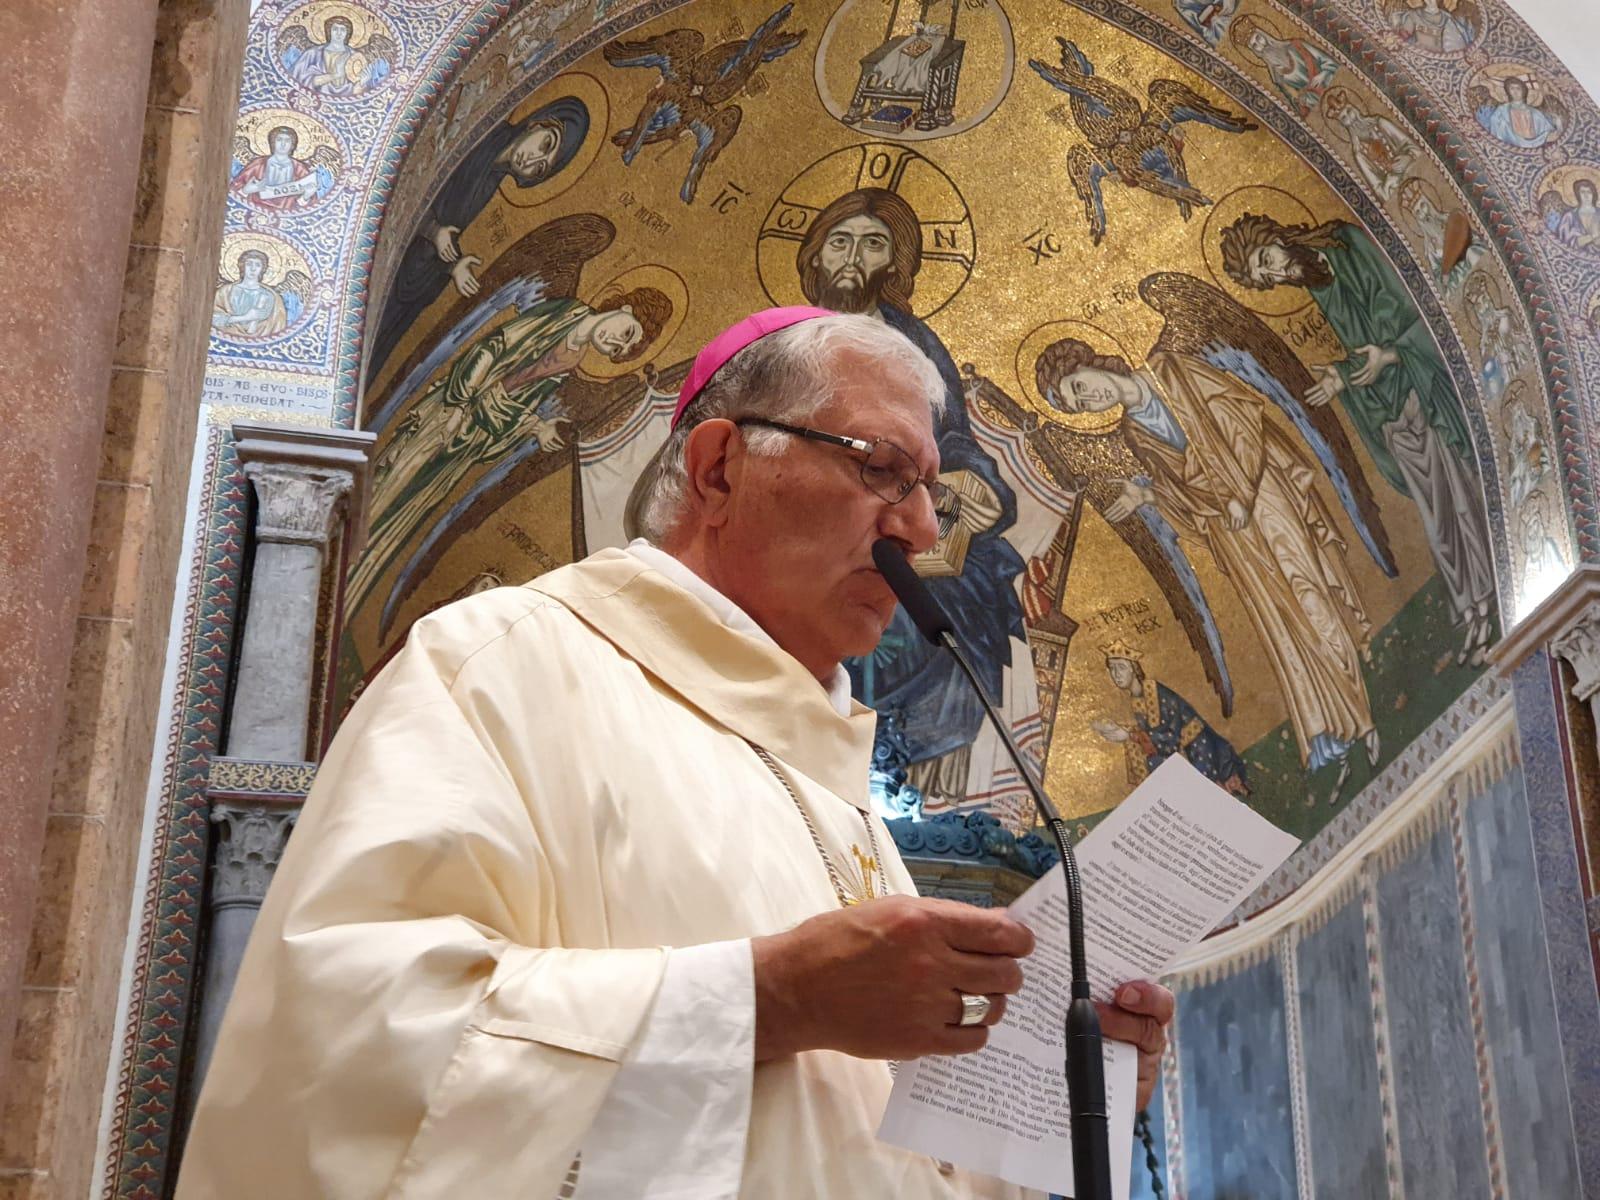 Acquasantiere vuote e niente segno di pace, la Chiesa ai tempi del Coronavirus